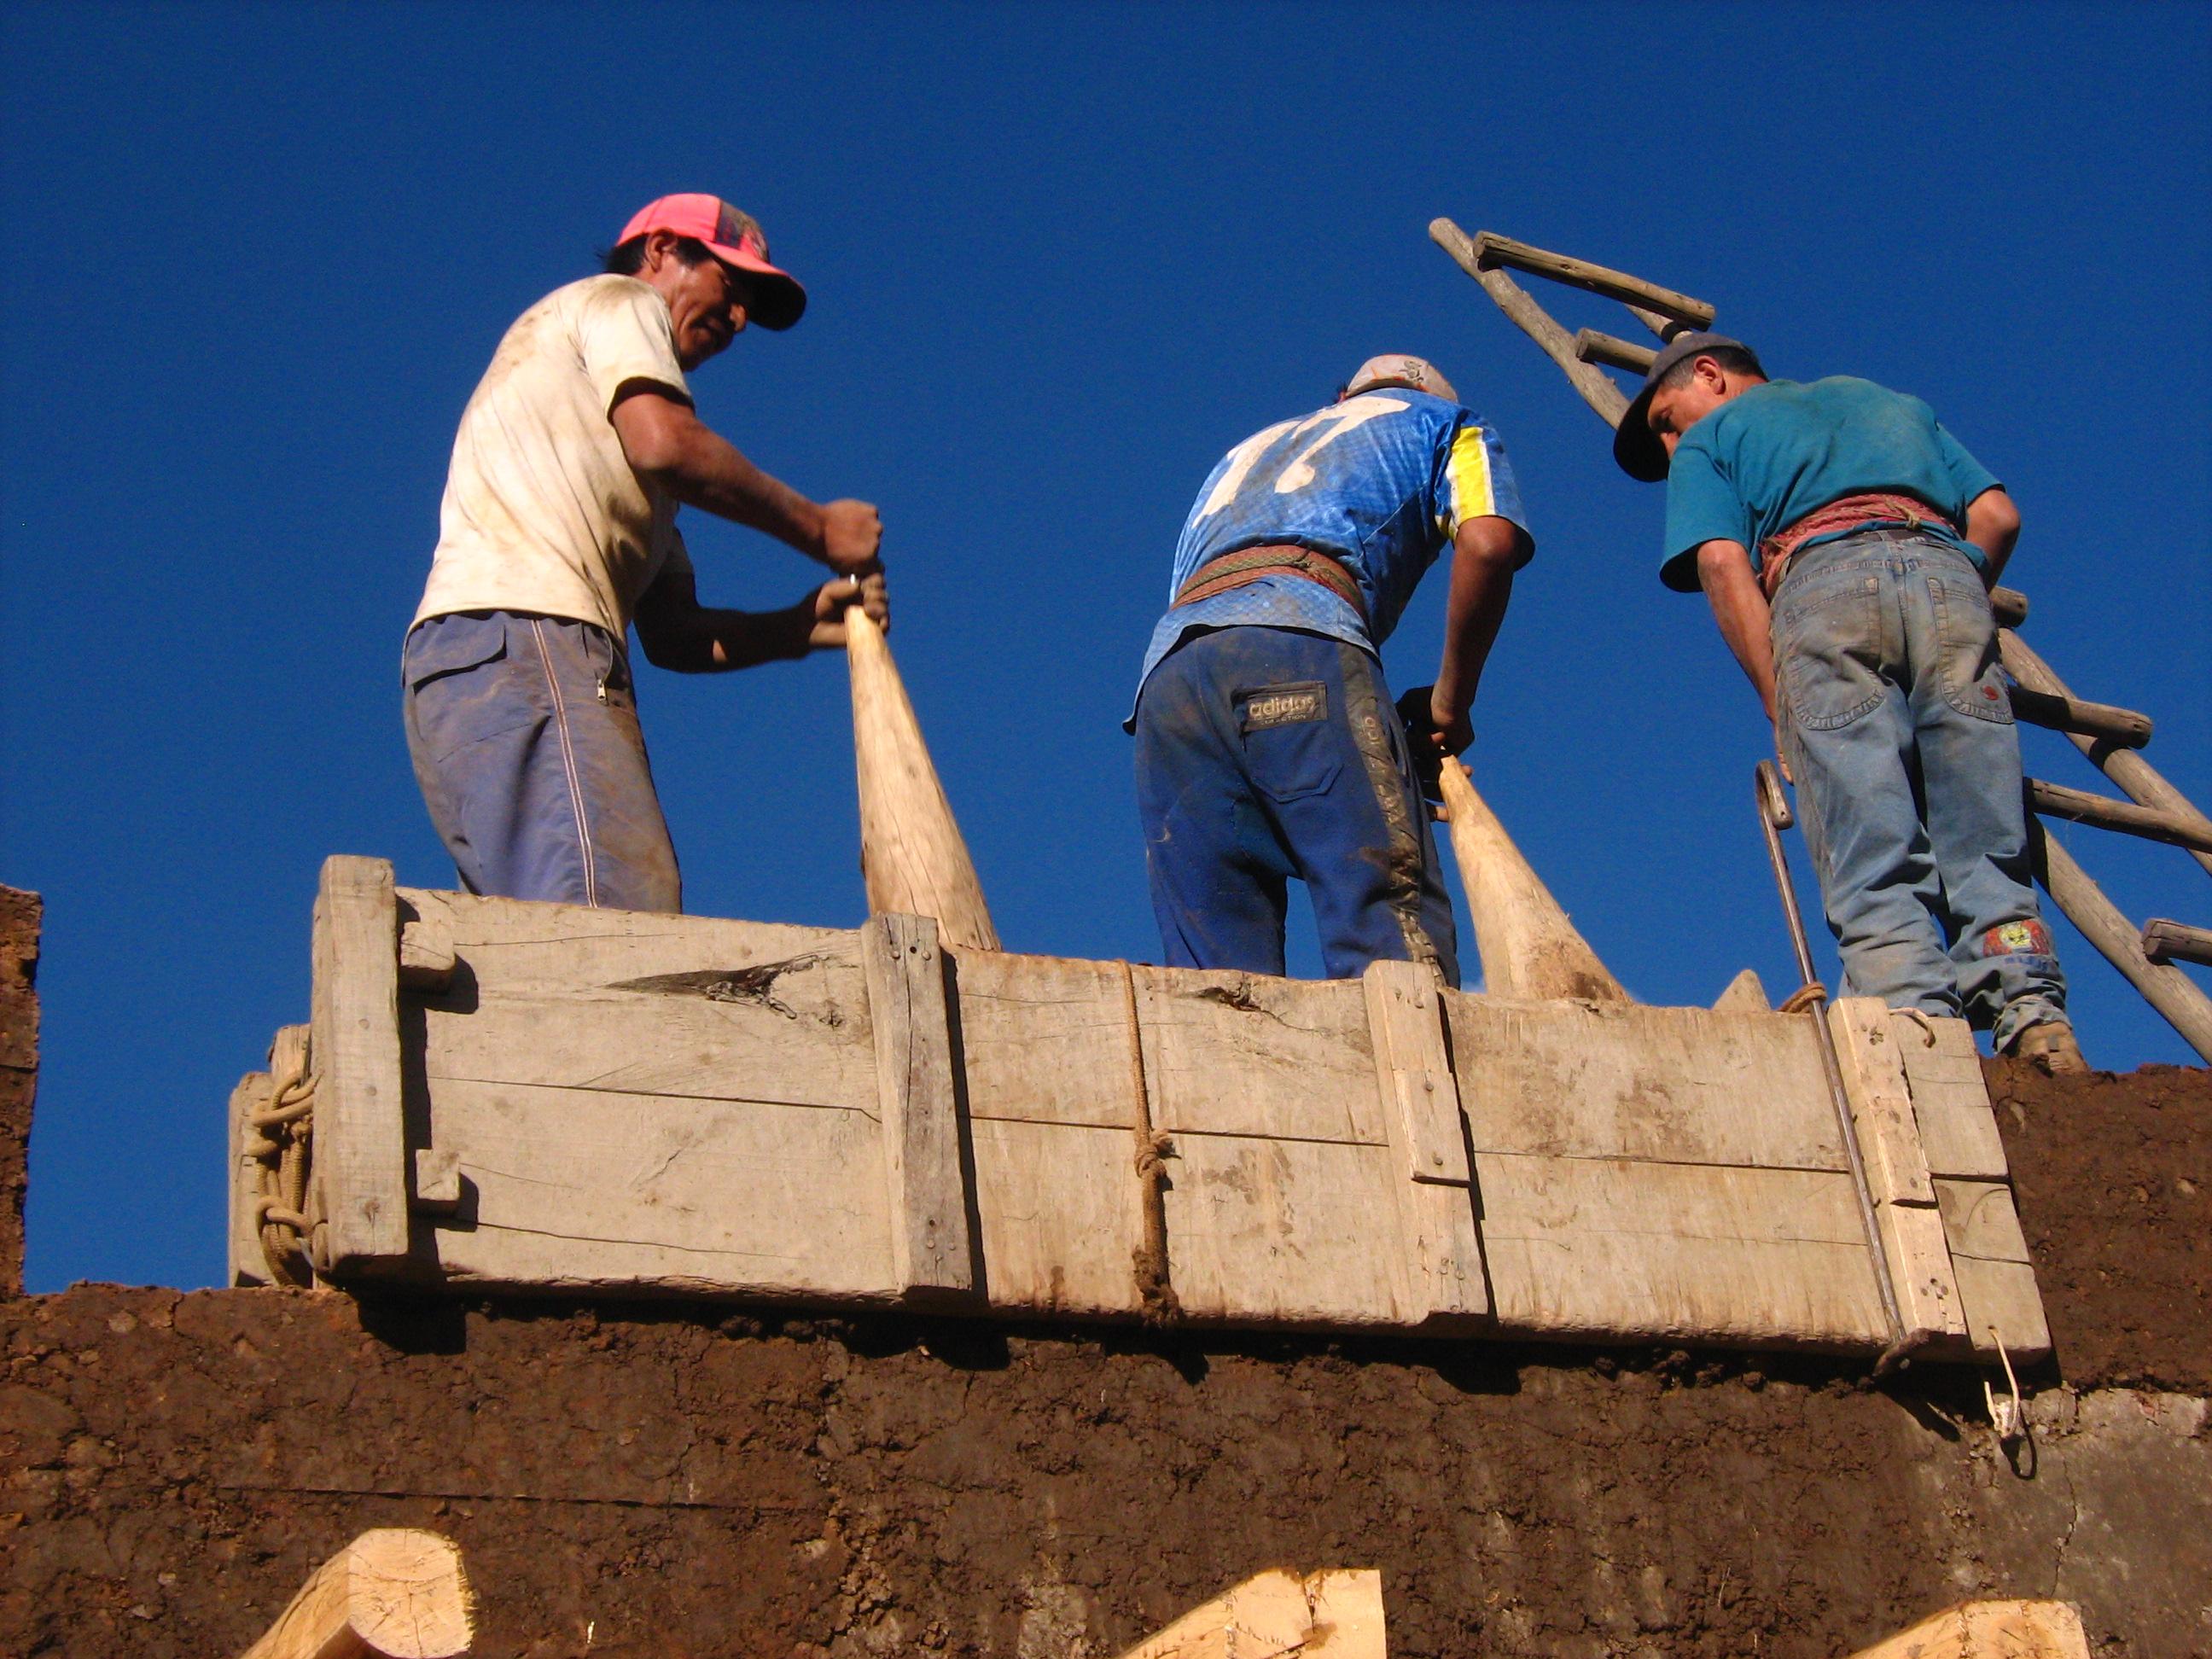 Fotos de hombres trabajando 61